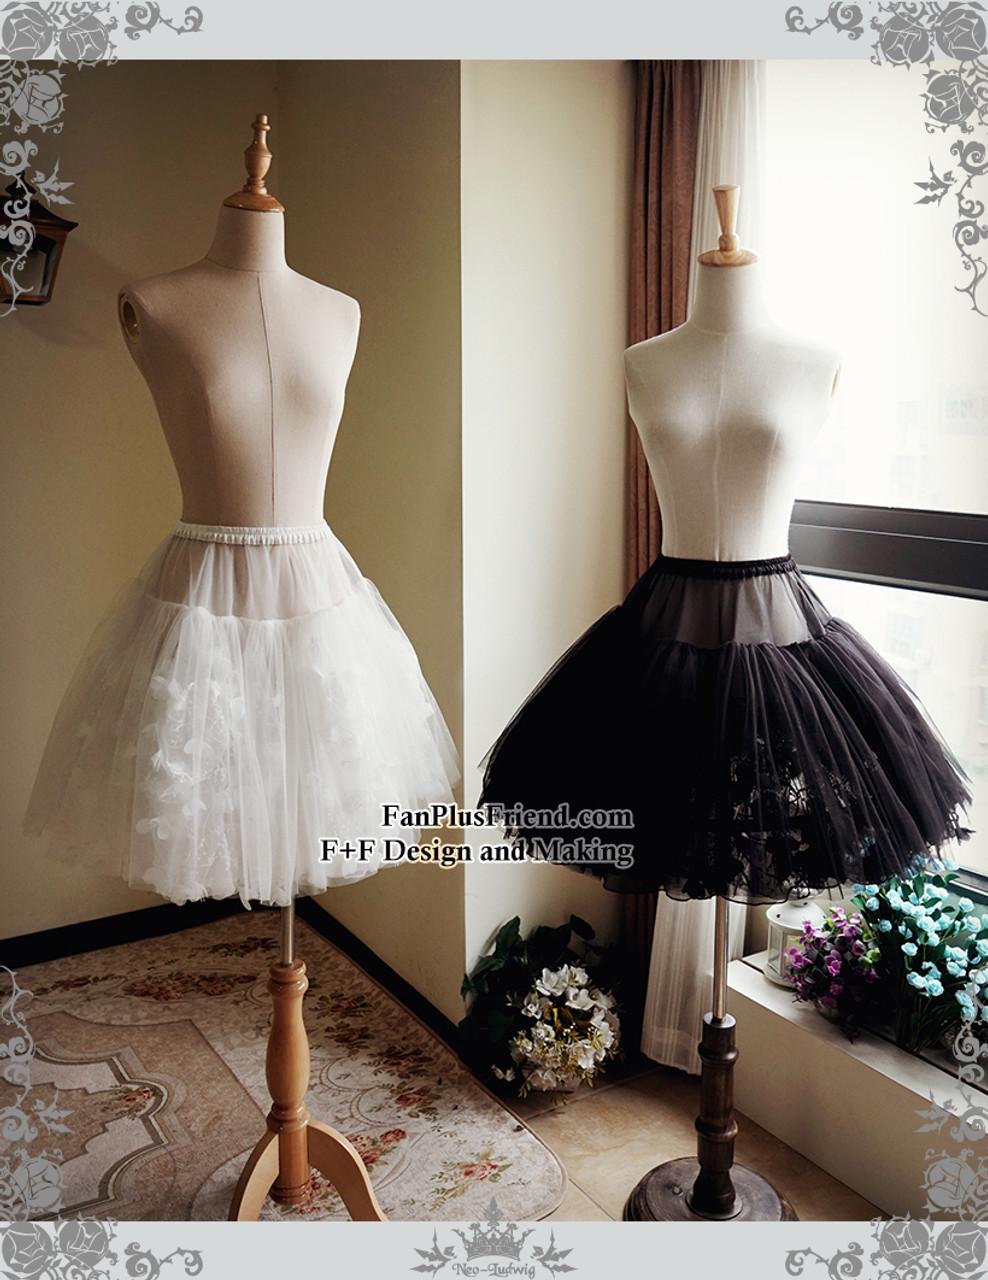 c5ed330211 Lolita Tulle Skirt Midi Skirt A Line Steel Boned Petticoat Underskirt White  Black